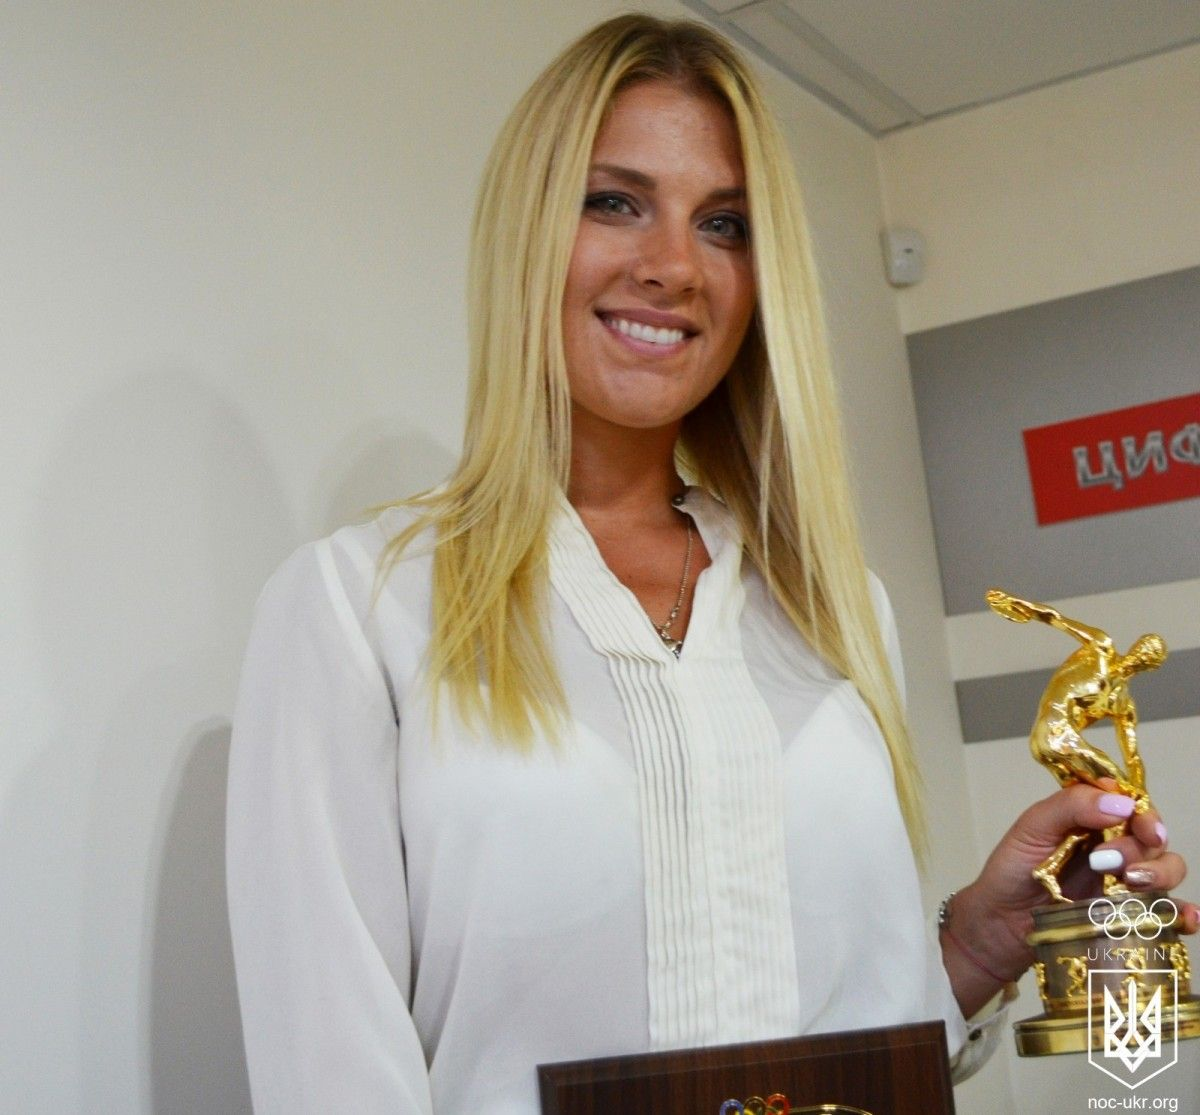 Харлан отримала ювілейну нагороду від НОК / noc-ukr.org